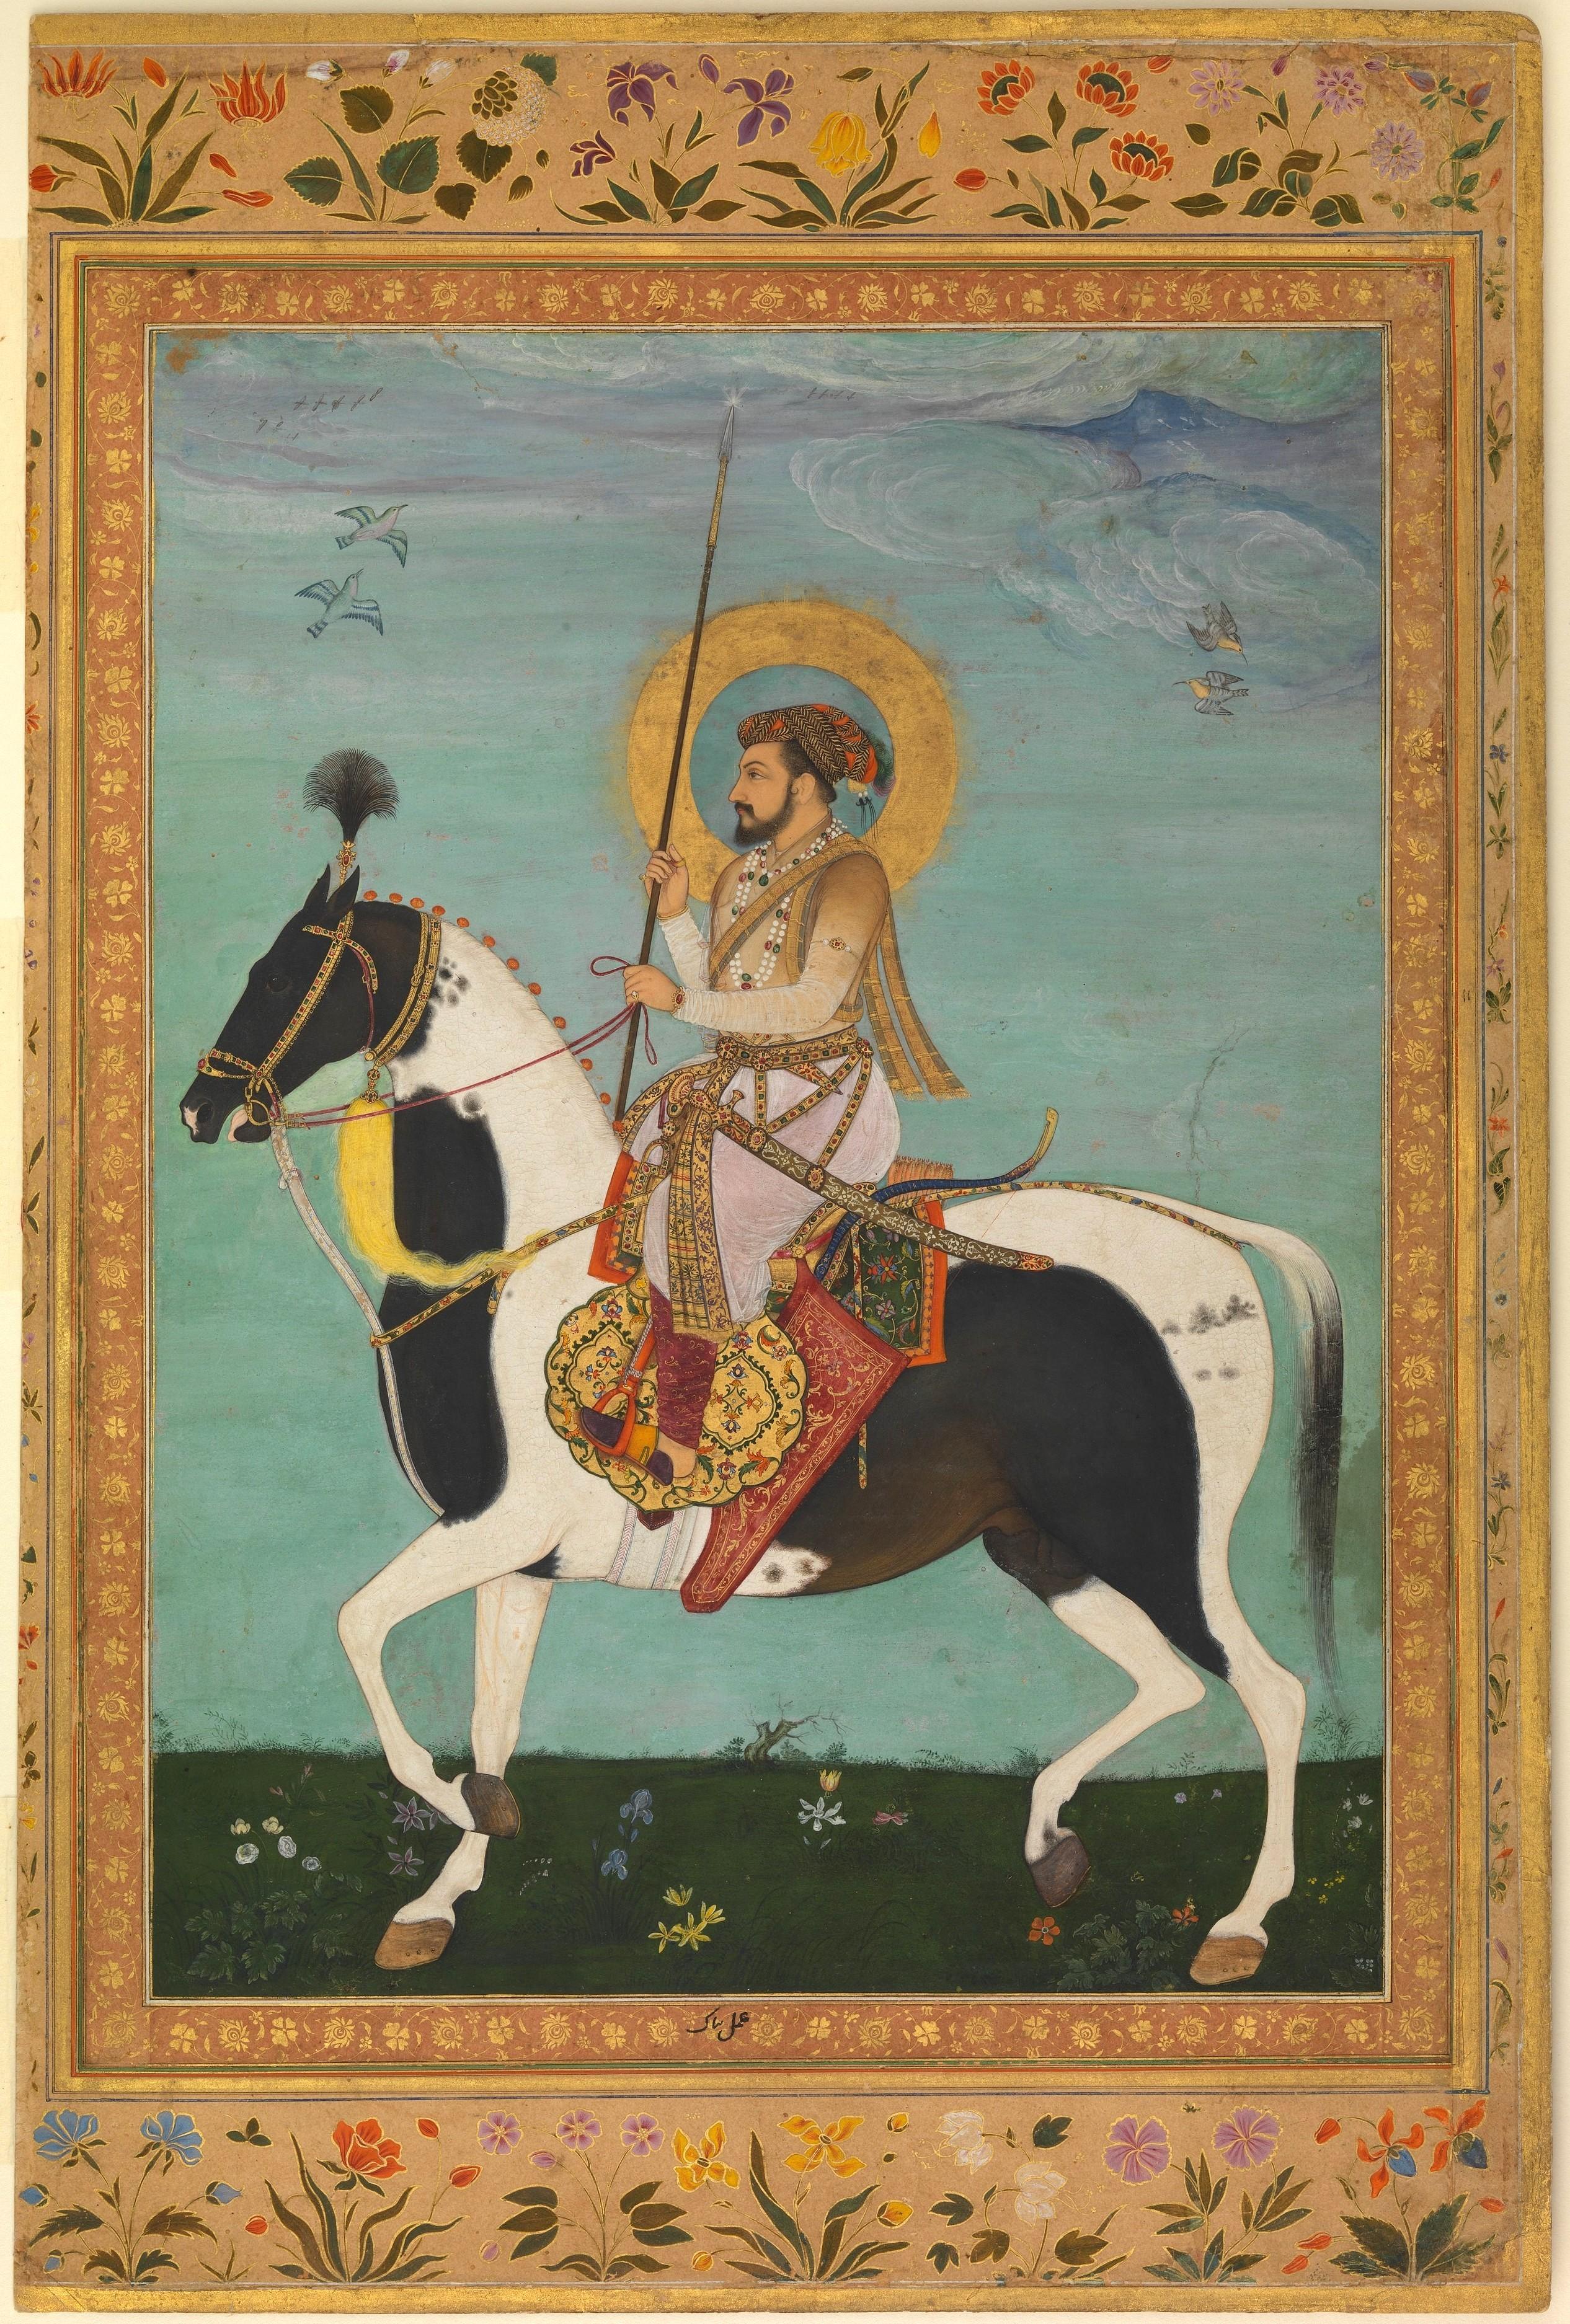 payag, shah jahan on horseback, folio from the shah jahan album ca. 1630, metmuseum.jpg